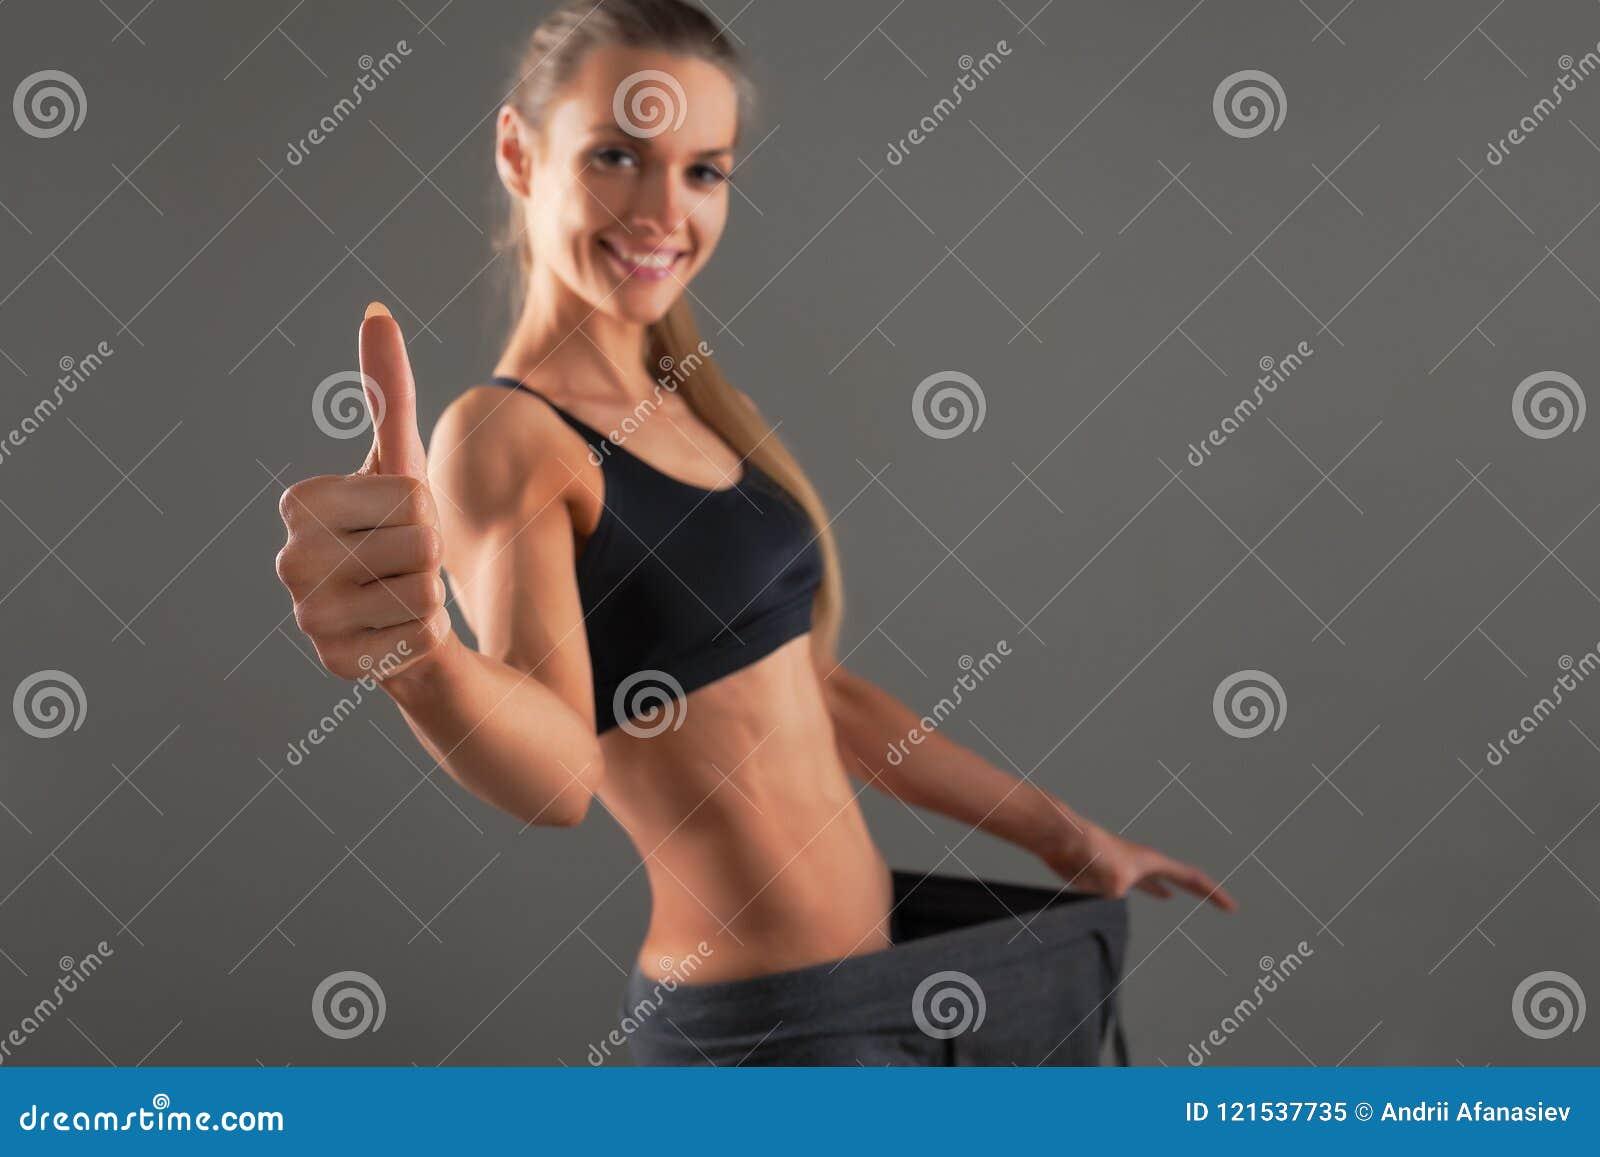 Slank ung kvinna som bär gamla stora flåsanden som visar det lyckade resultatet av en banta - viktförlust som bantar begrepp Grå